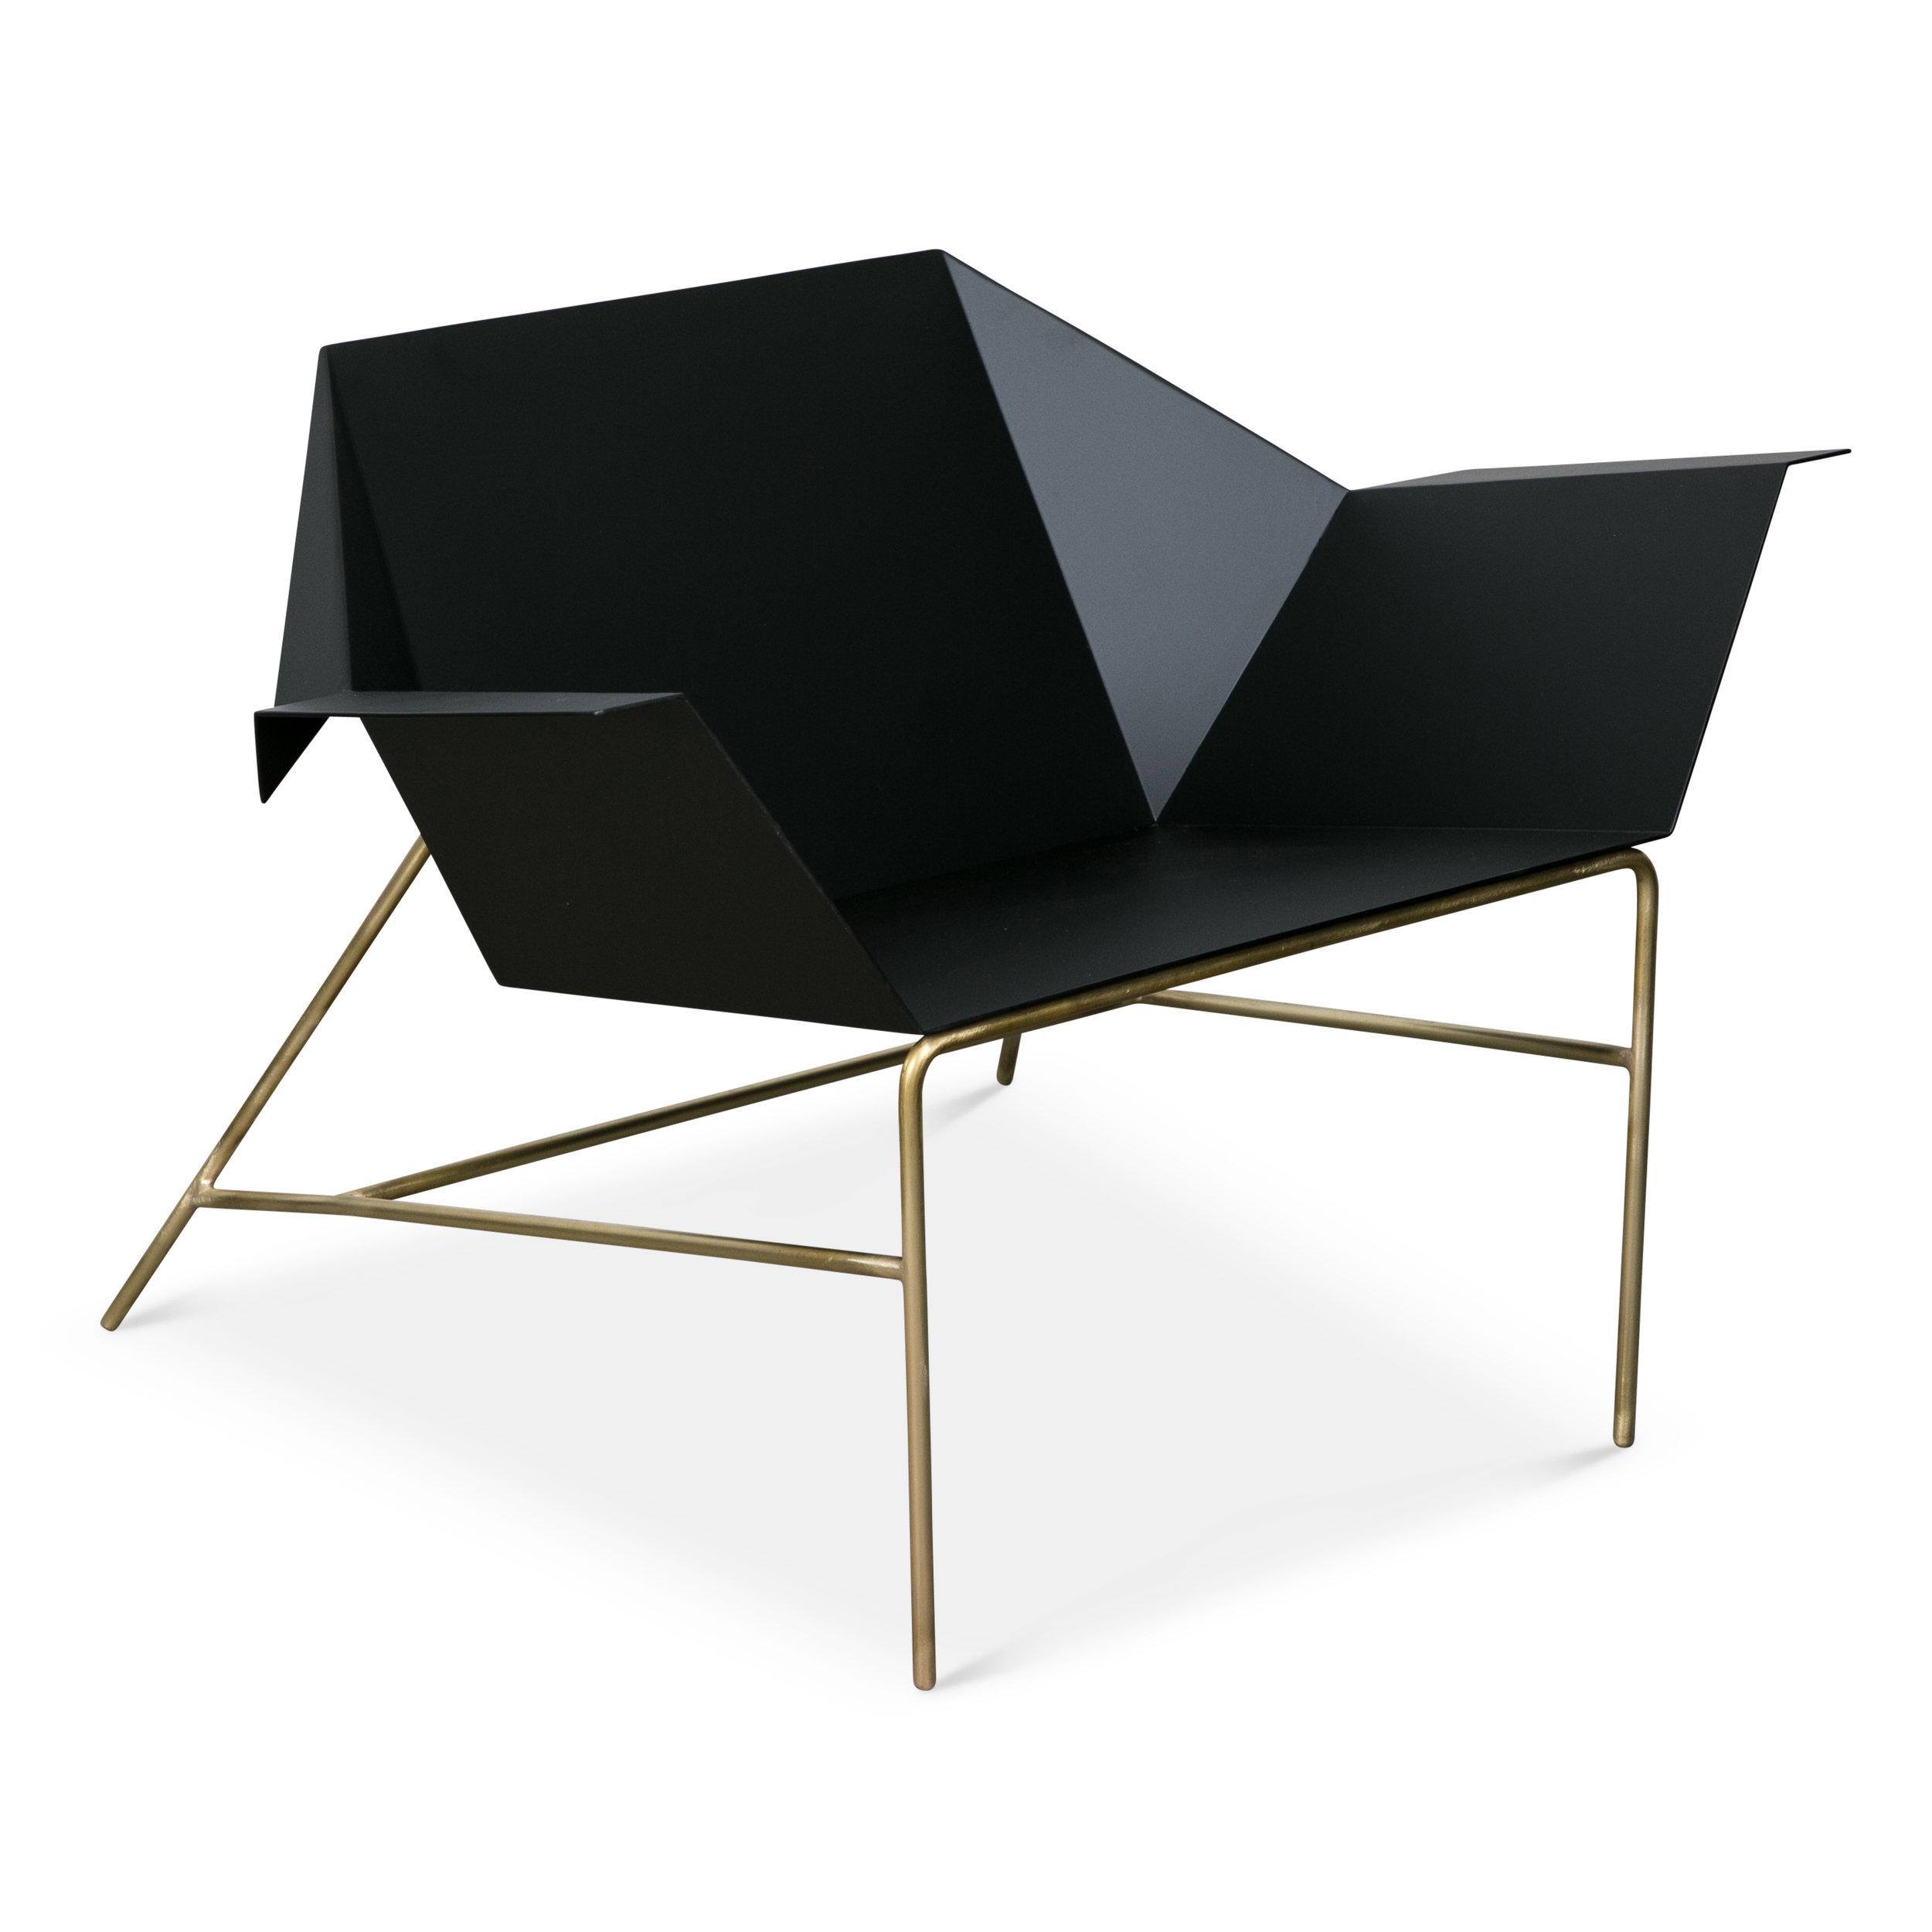 red shank lounge chair brass legs.jpg